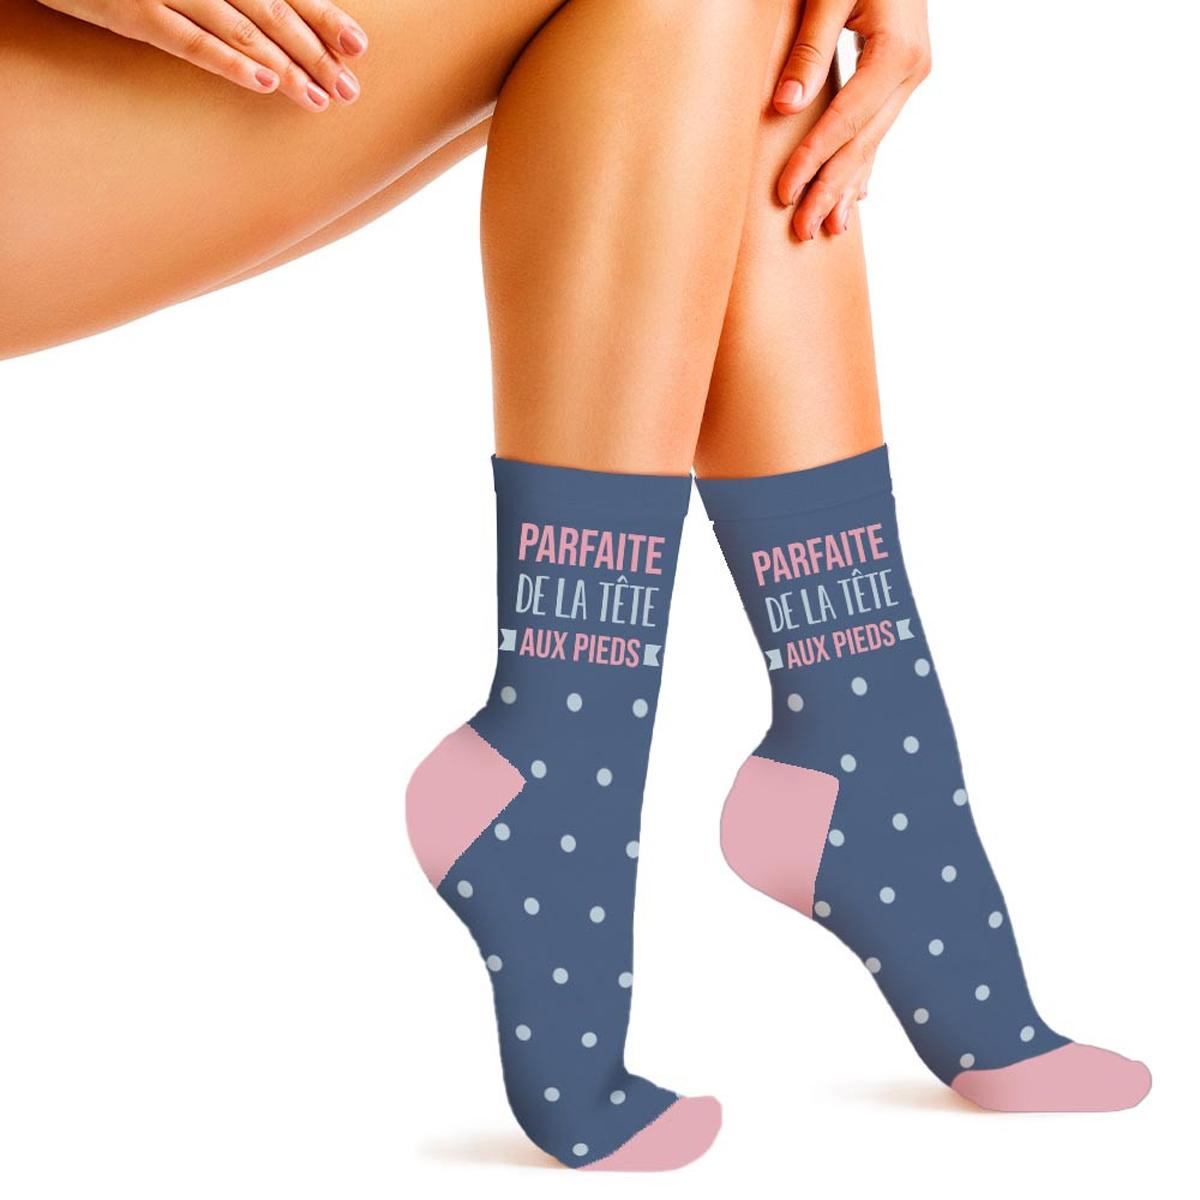 Chaussettes coton humoristiques \'Messages\' bleu (Parfaite de la Tête aux Pieds) - taille unique - [A3170]